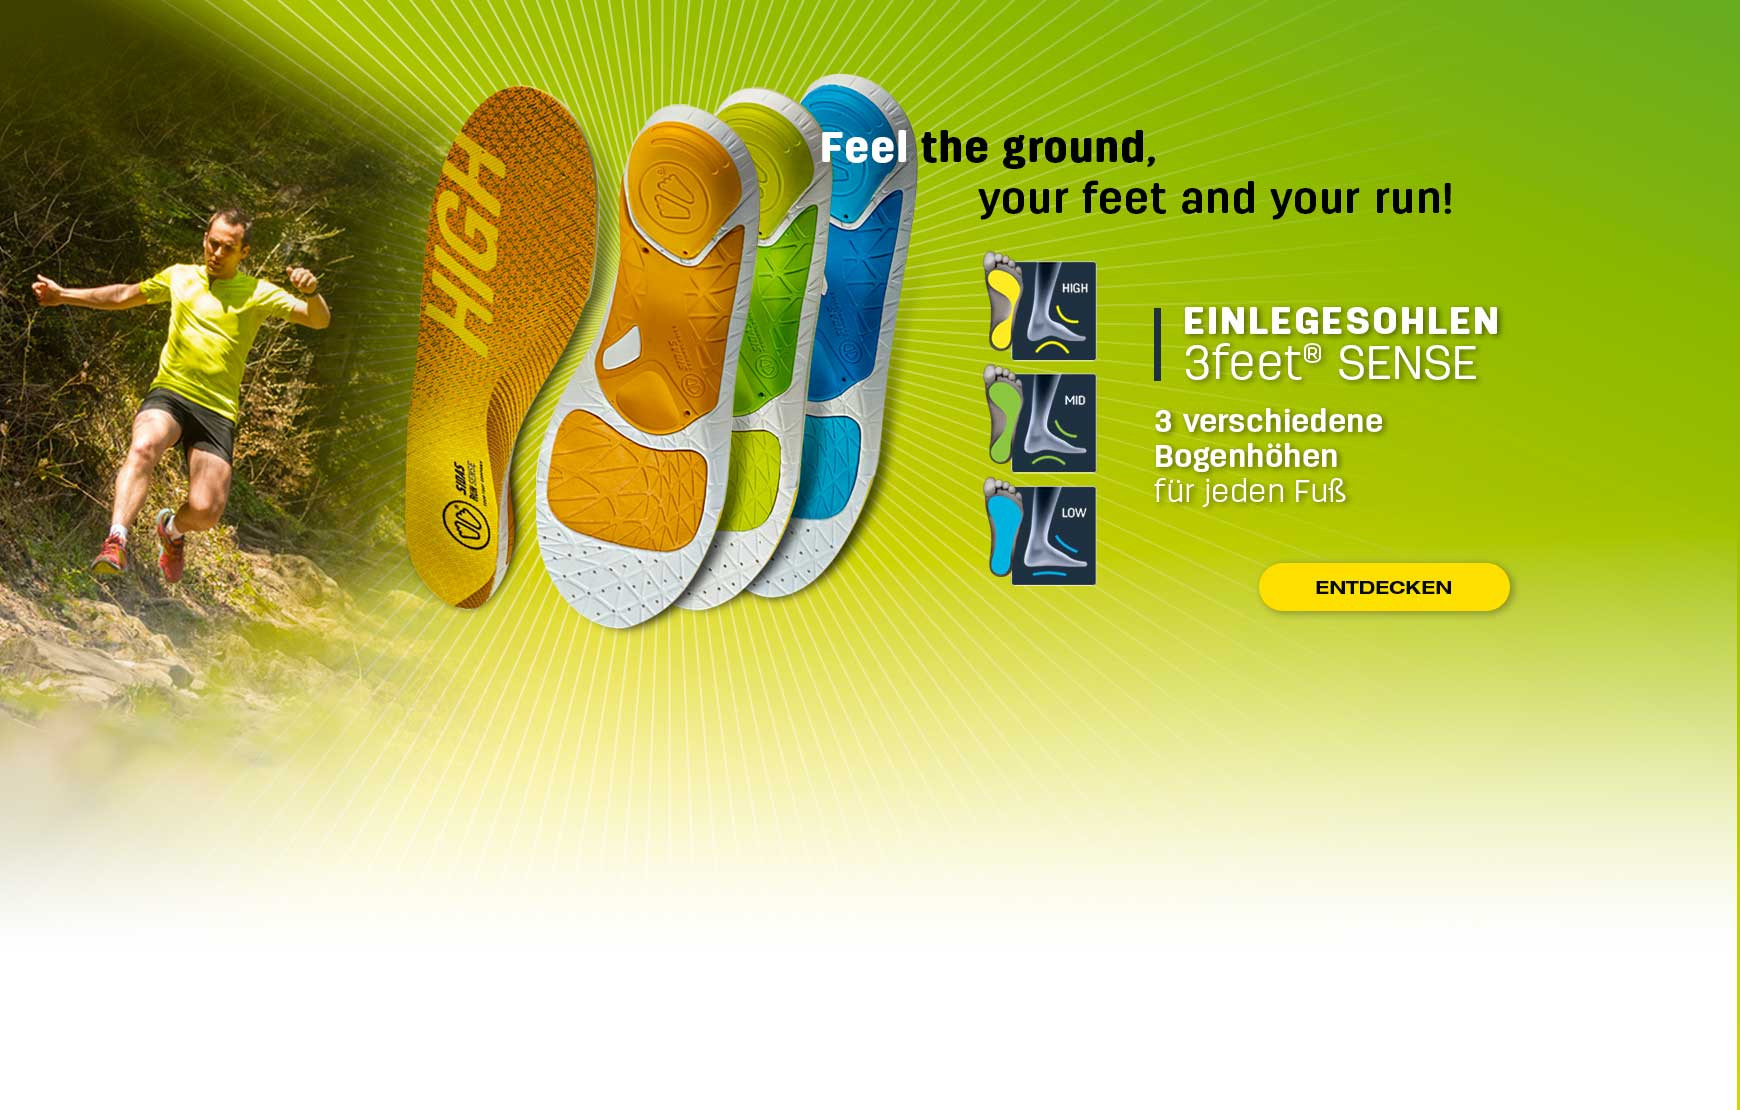 Entdecken Sie unser Sortiment 3Feet® SENSE, das für jeden Fußtyp auf der Suche nach Erlebnissen geeignet ist